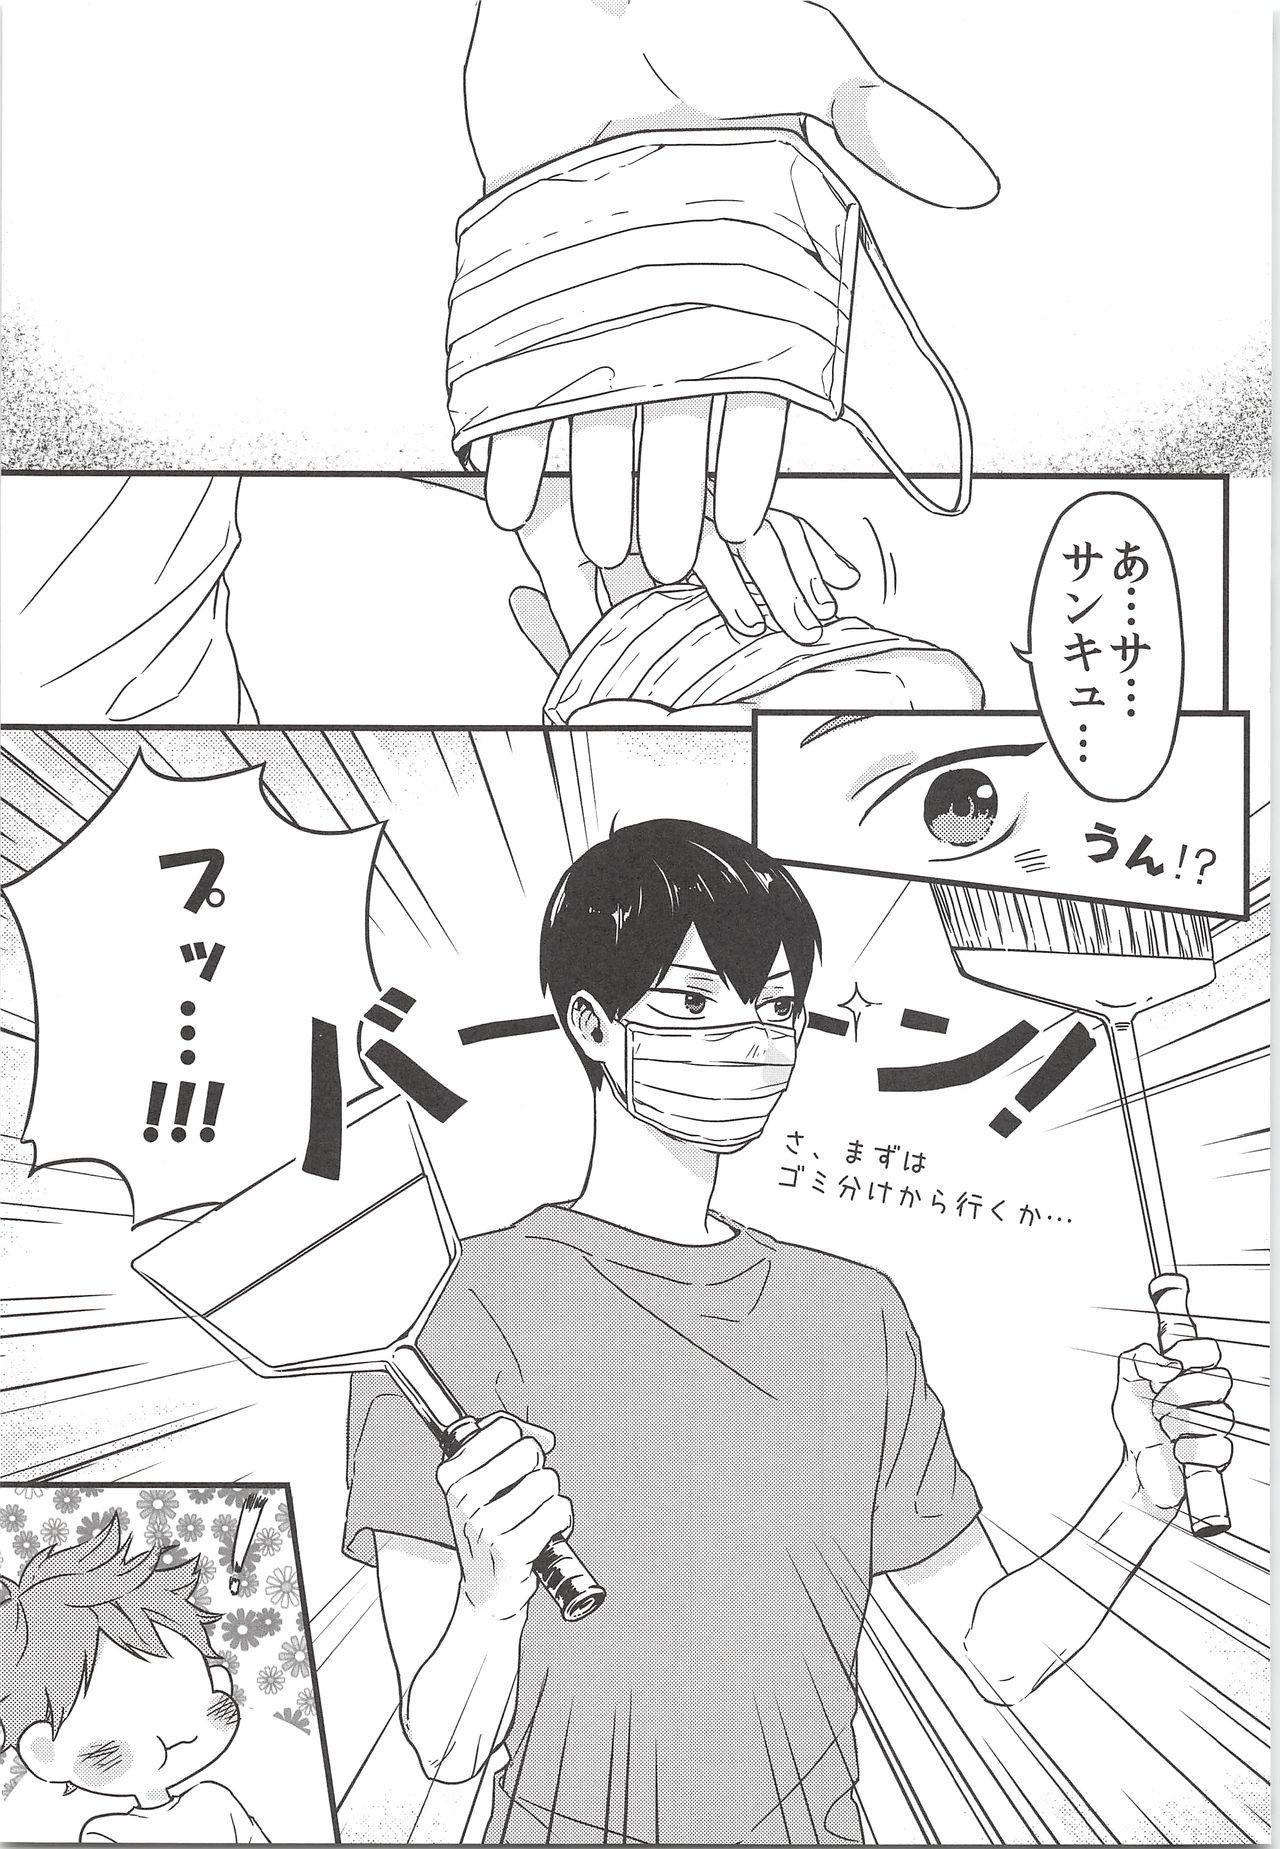 Tadashii Gomu no Tsukaikata 5